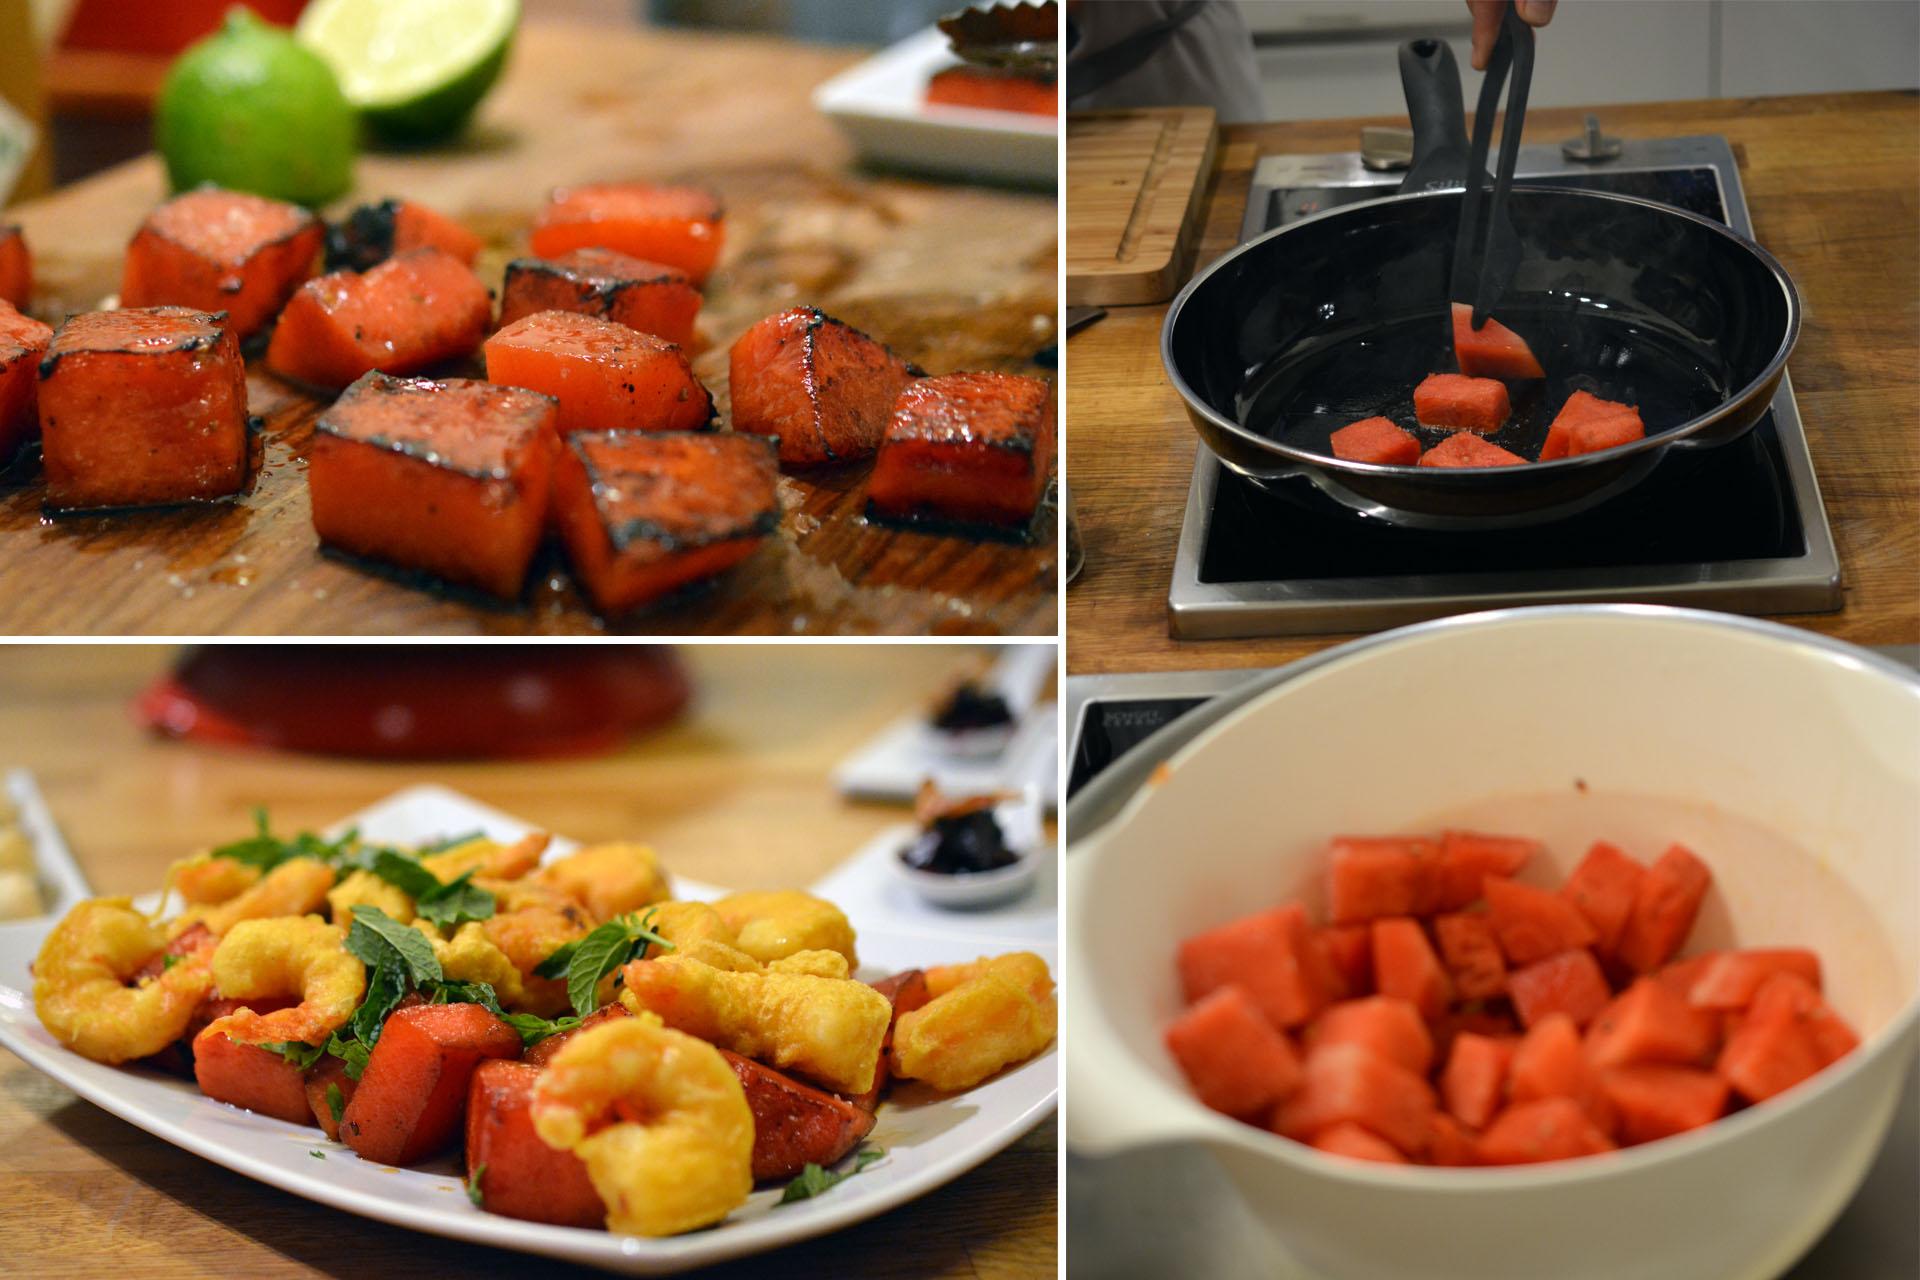 Gegrillte Wassermelone mit Garnele und Minze